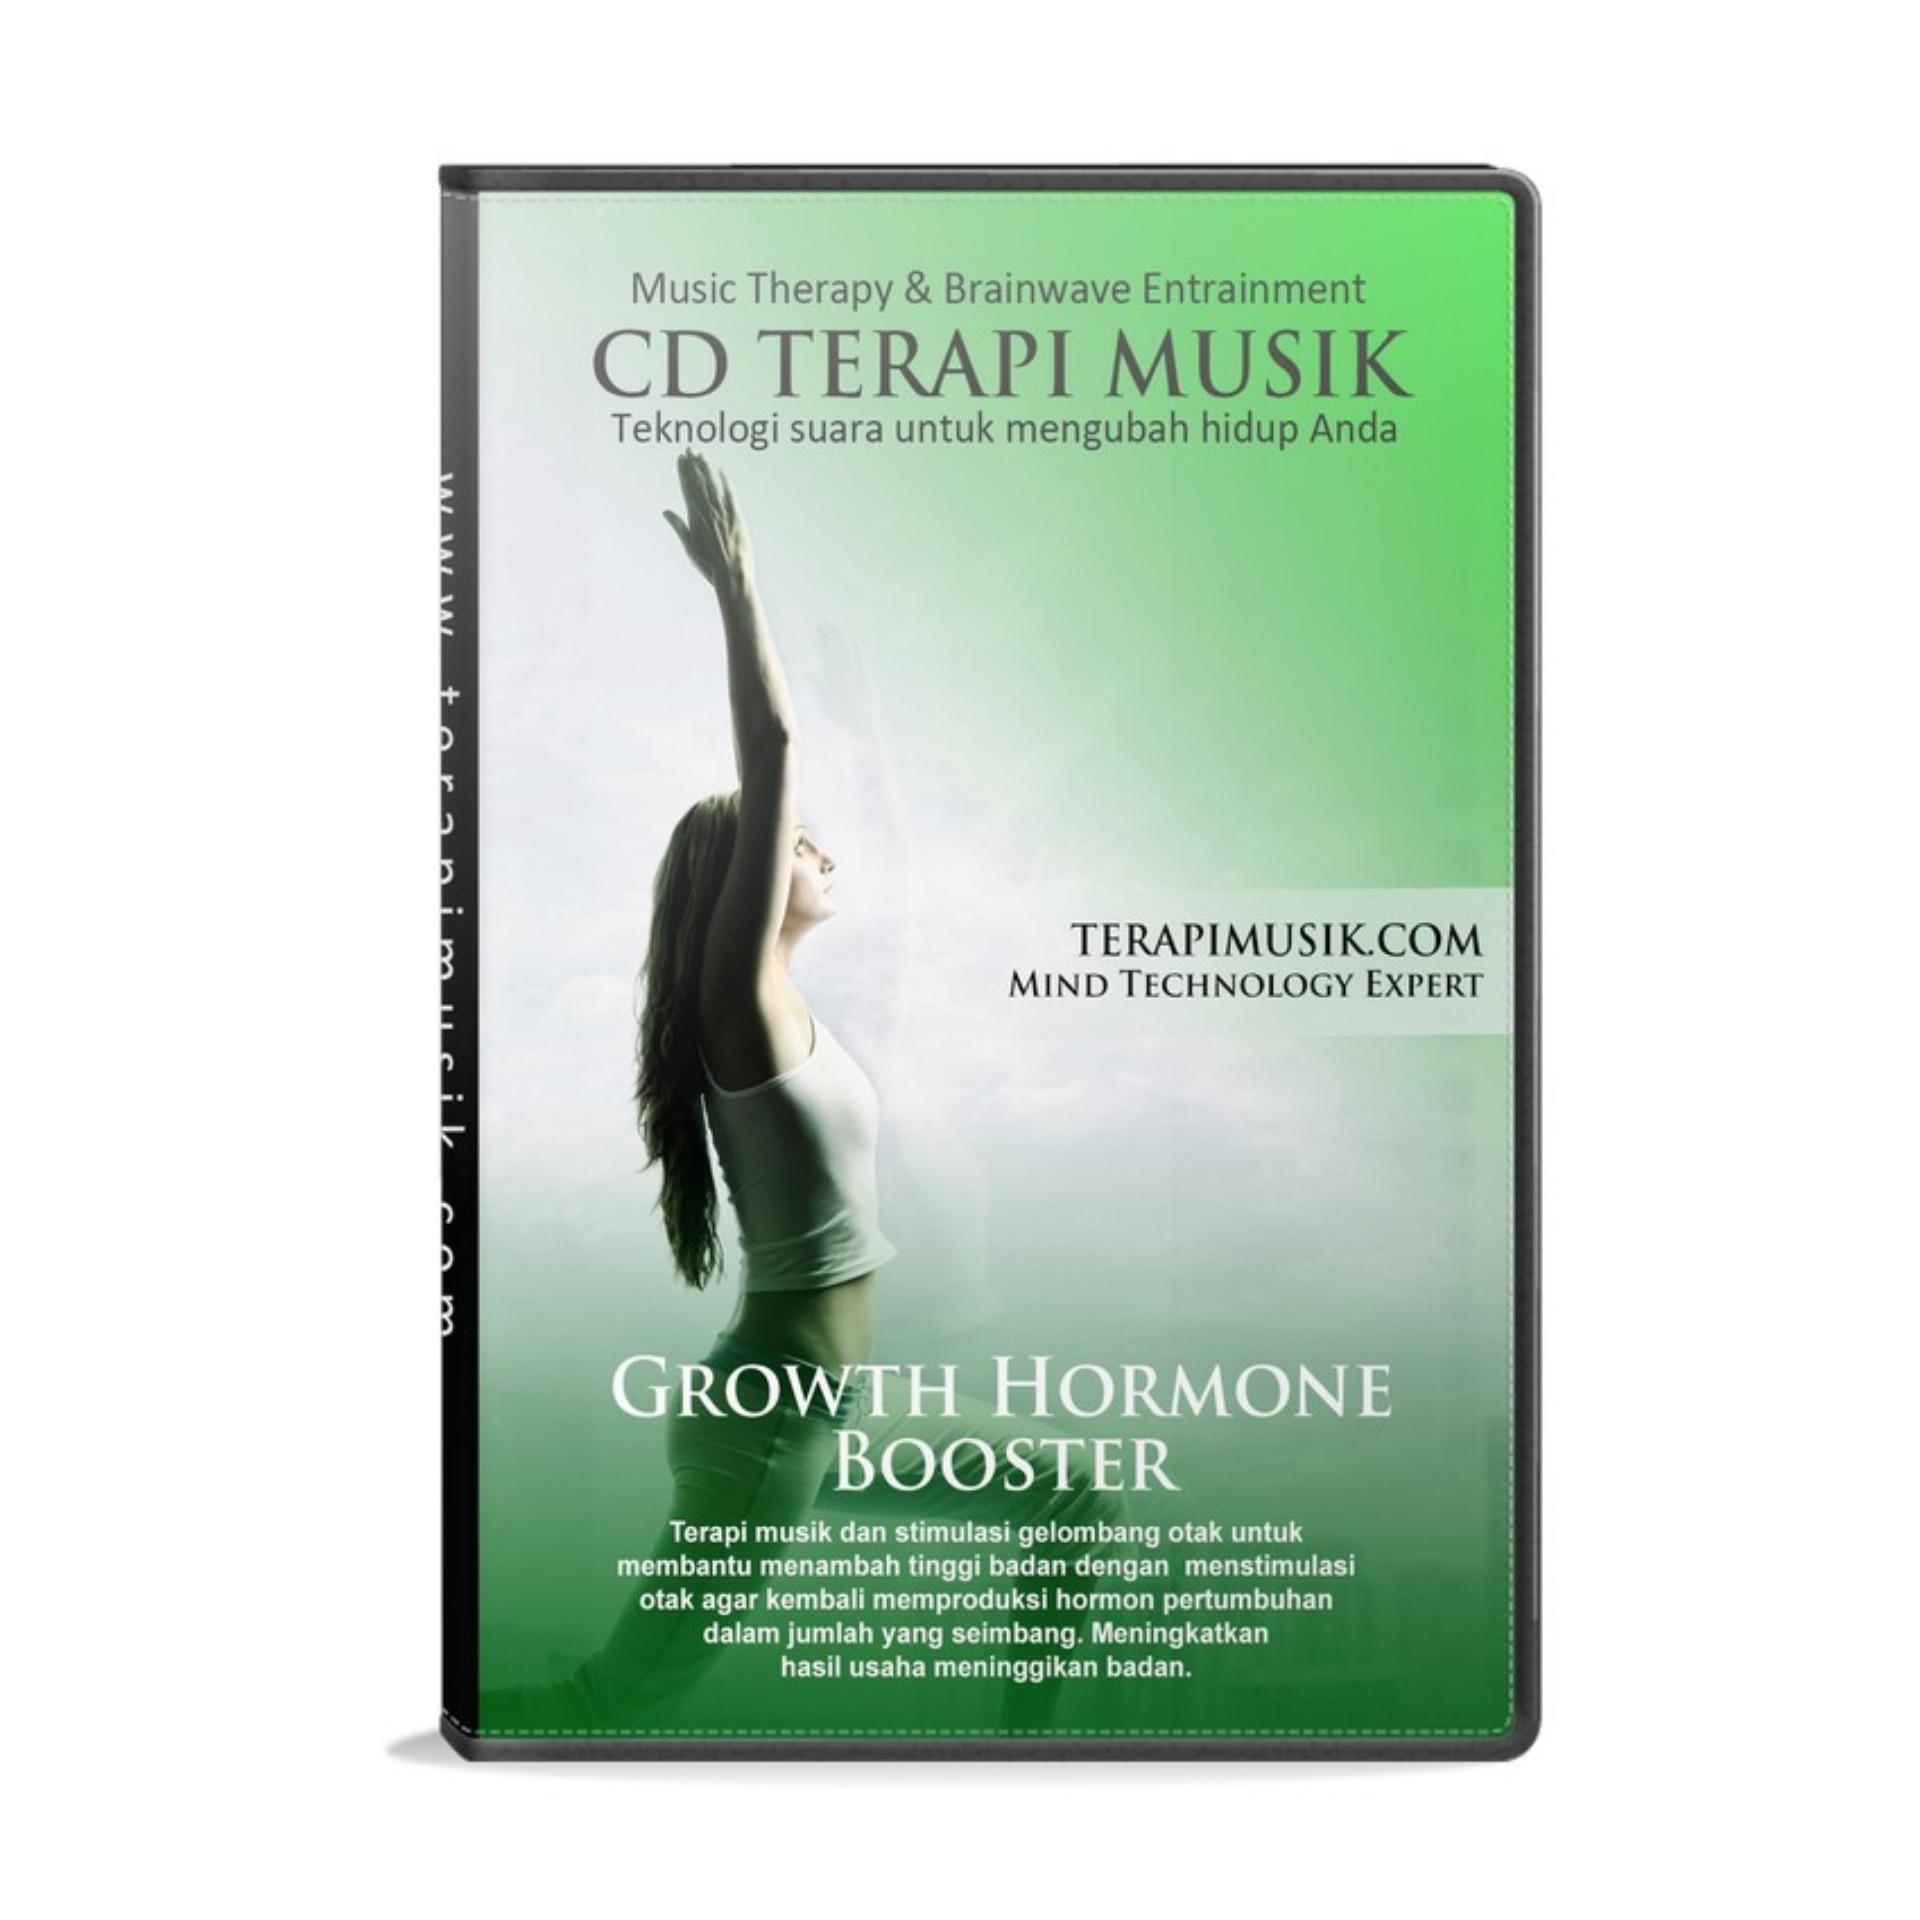 Terapi Musik Growth Hormone Booster (stimulasi Hormon Pertumbuhan Untuk Menambah Tinggi Badan Secara Alami) By Terapi Musik.